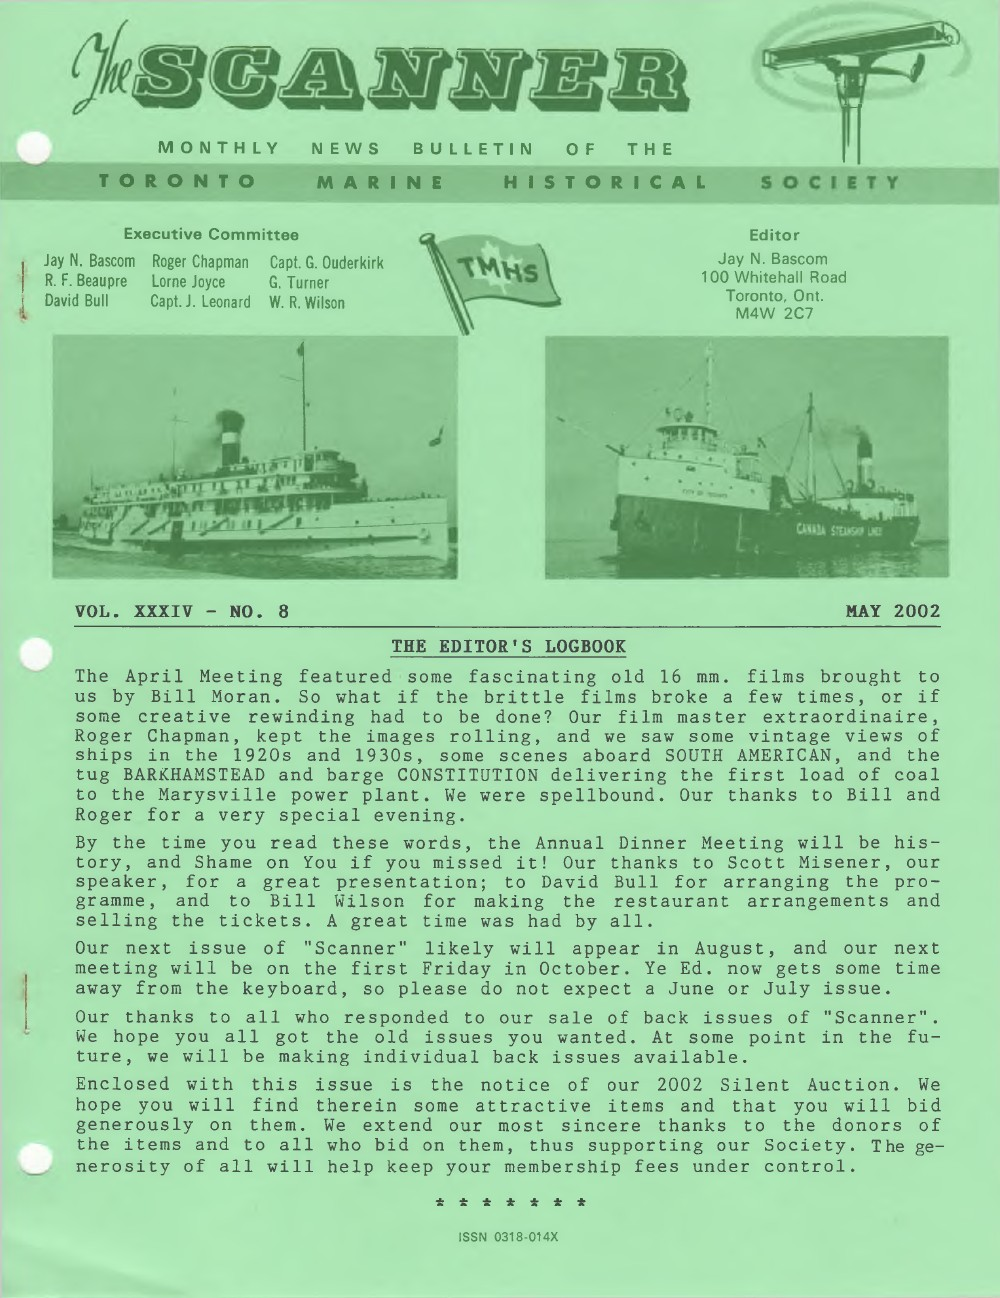 Scanner, v. 34, no. 8 (May 2002)